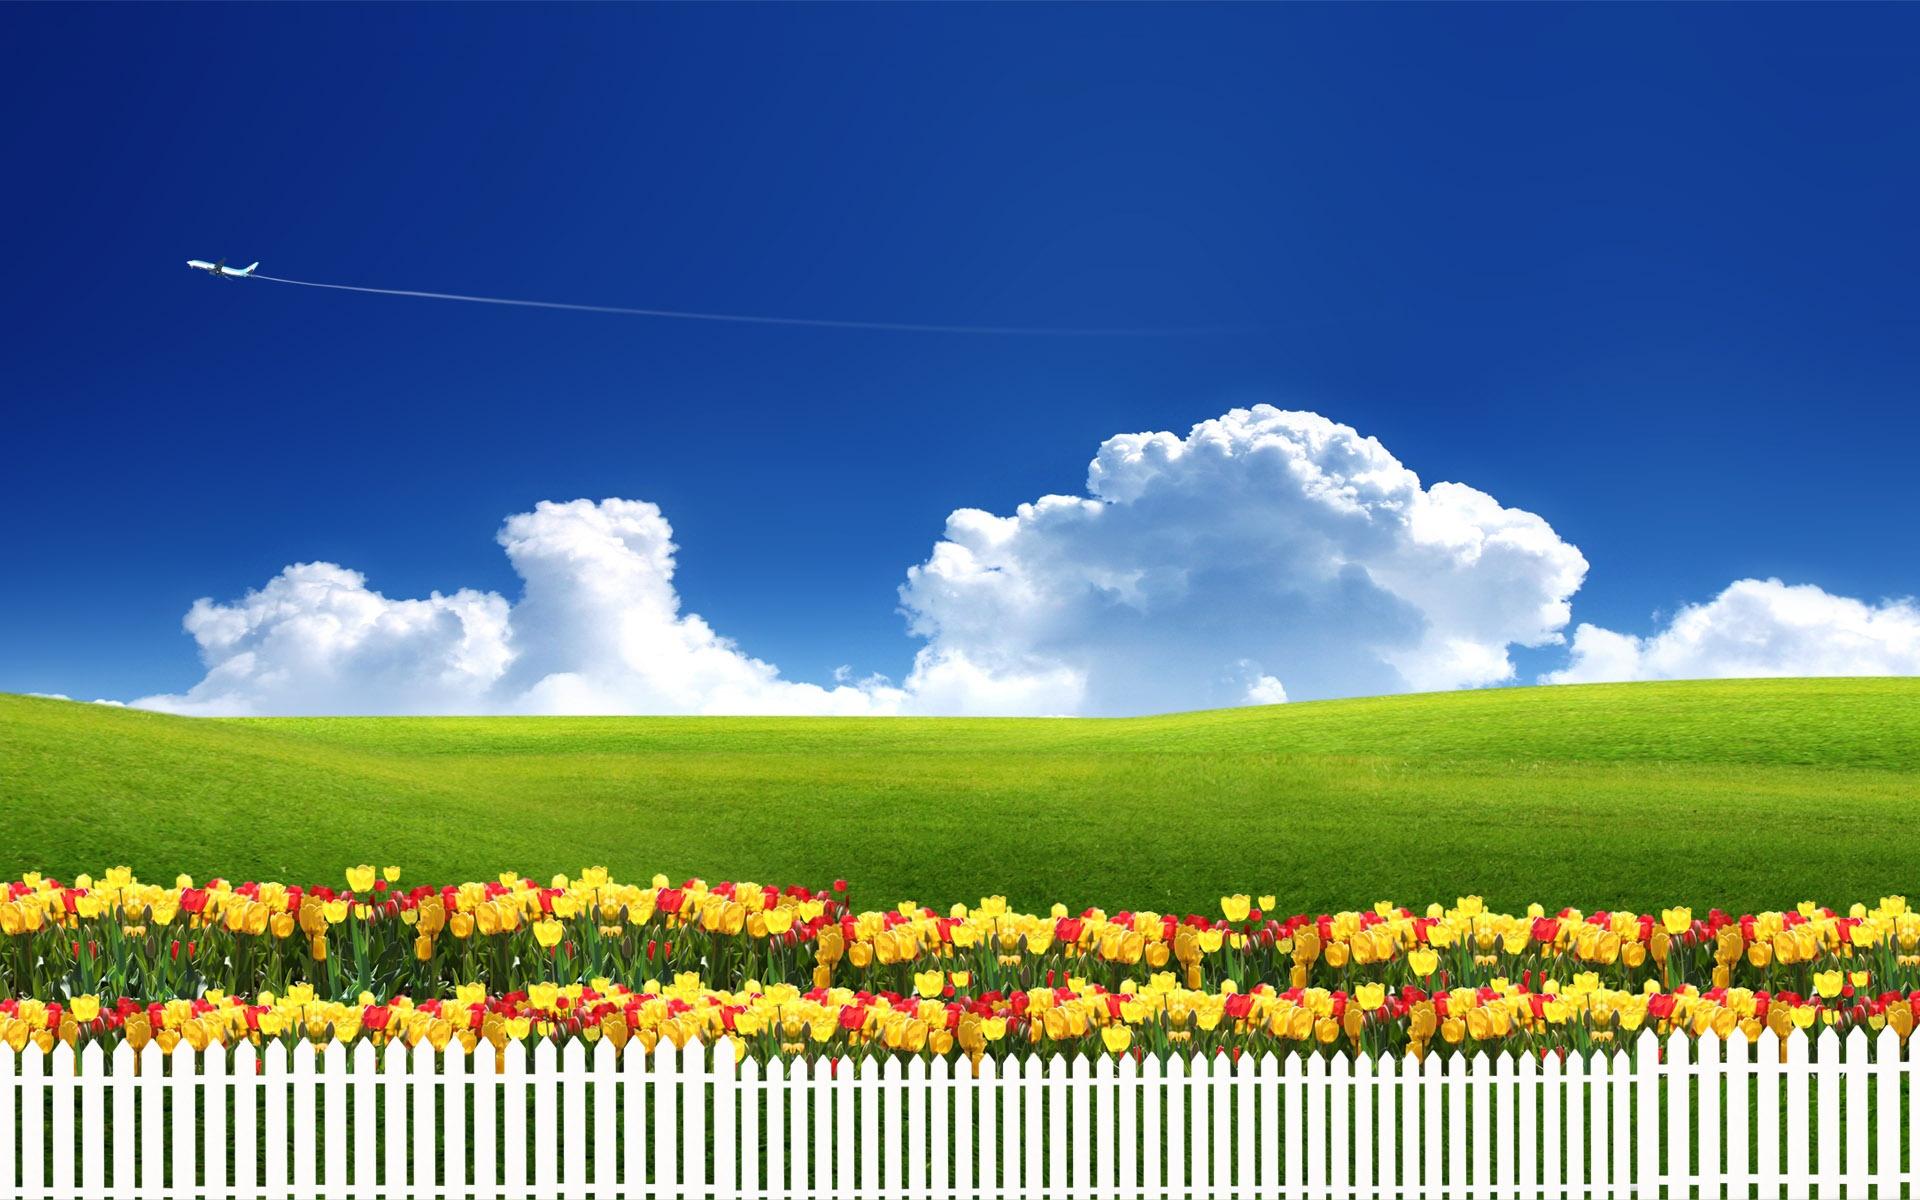 весна, синее небо, облака, забор, скачать фото, трава